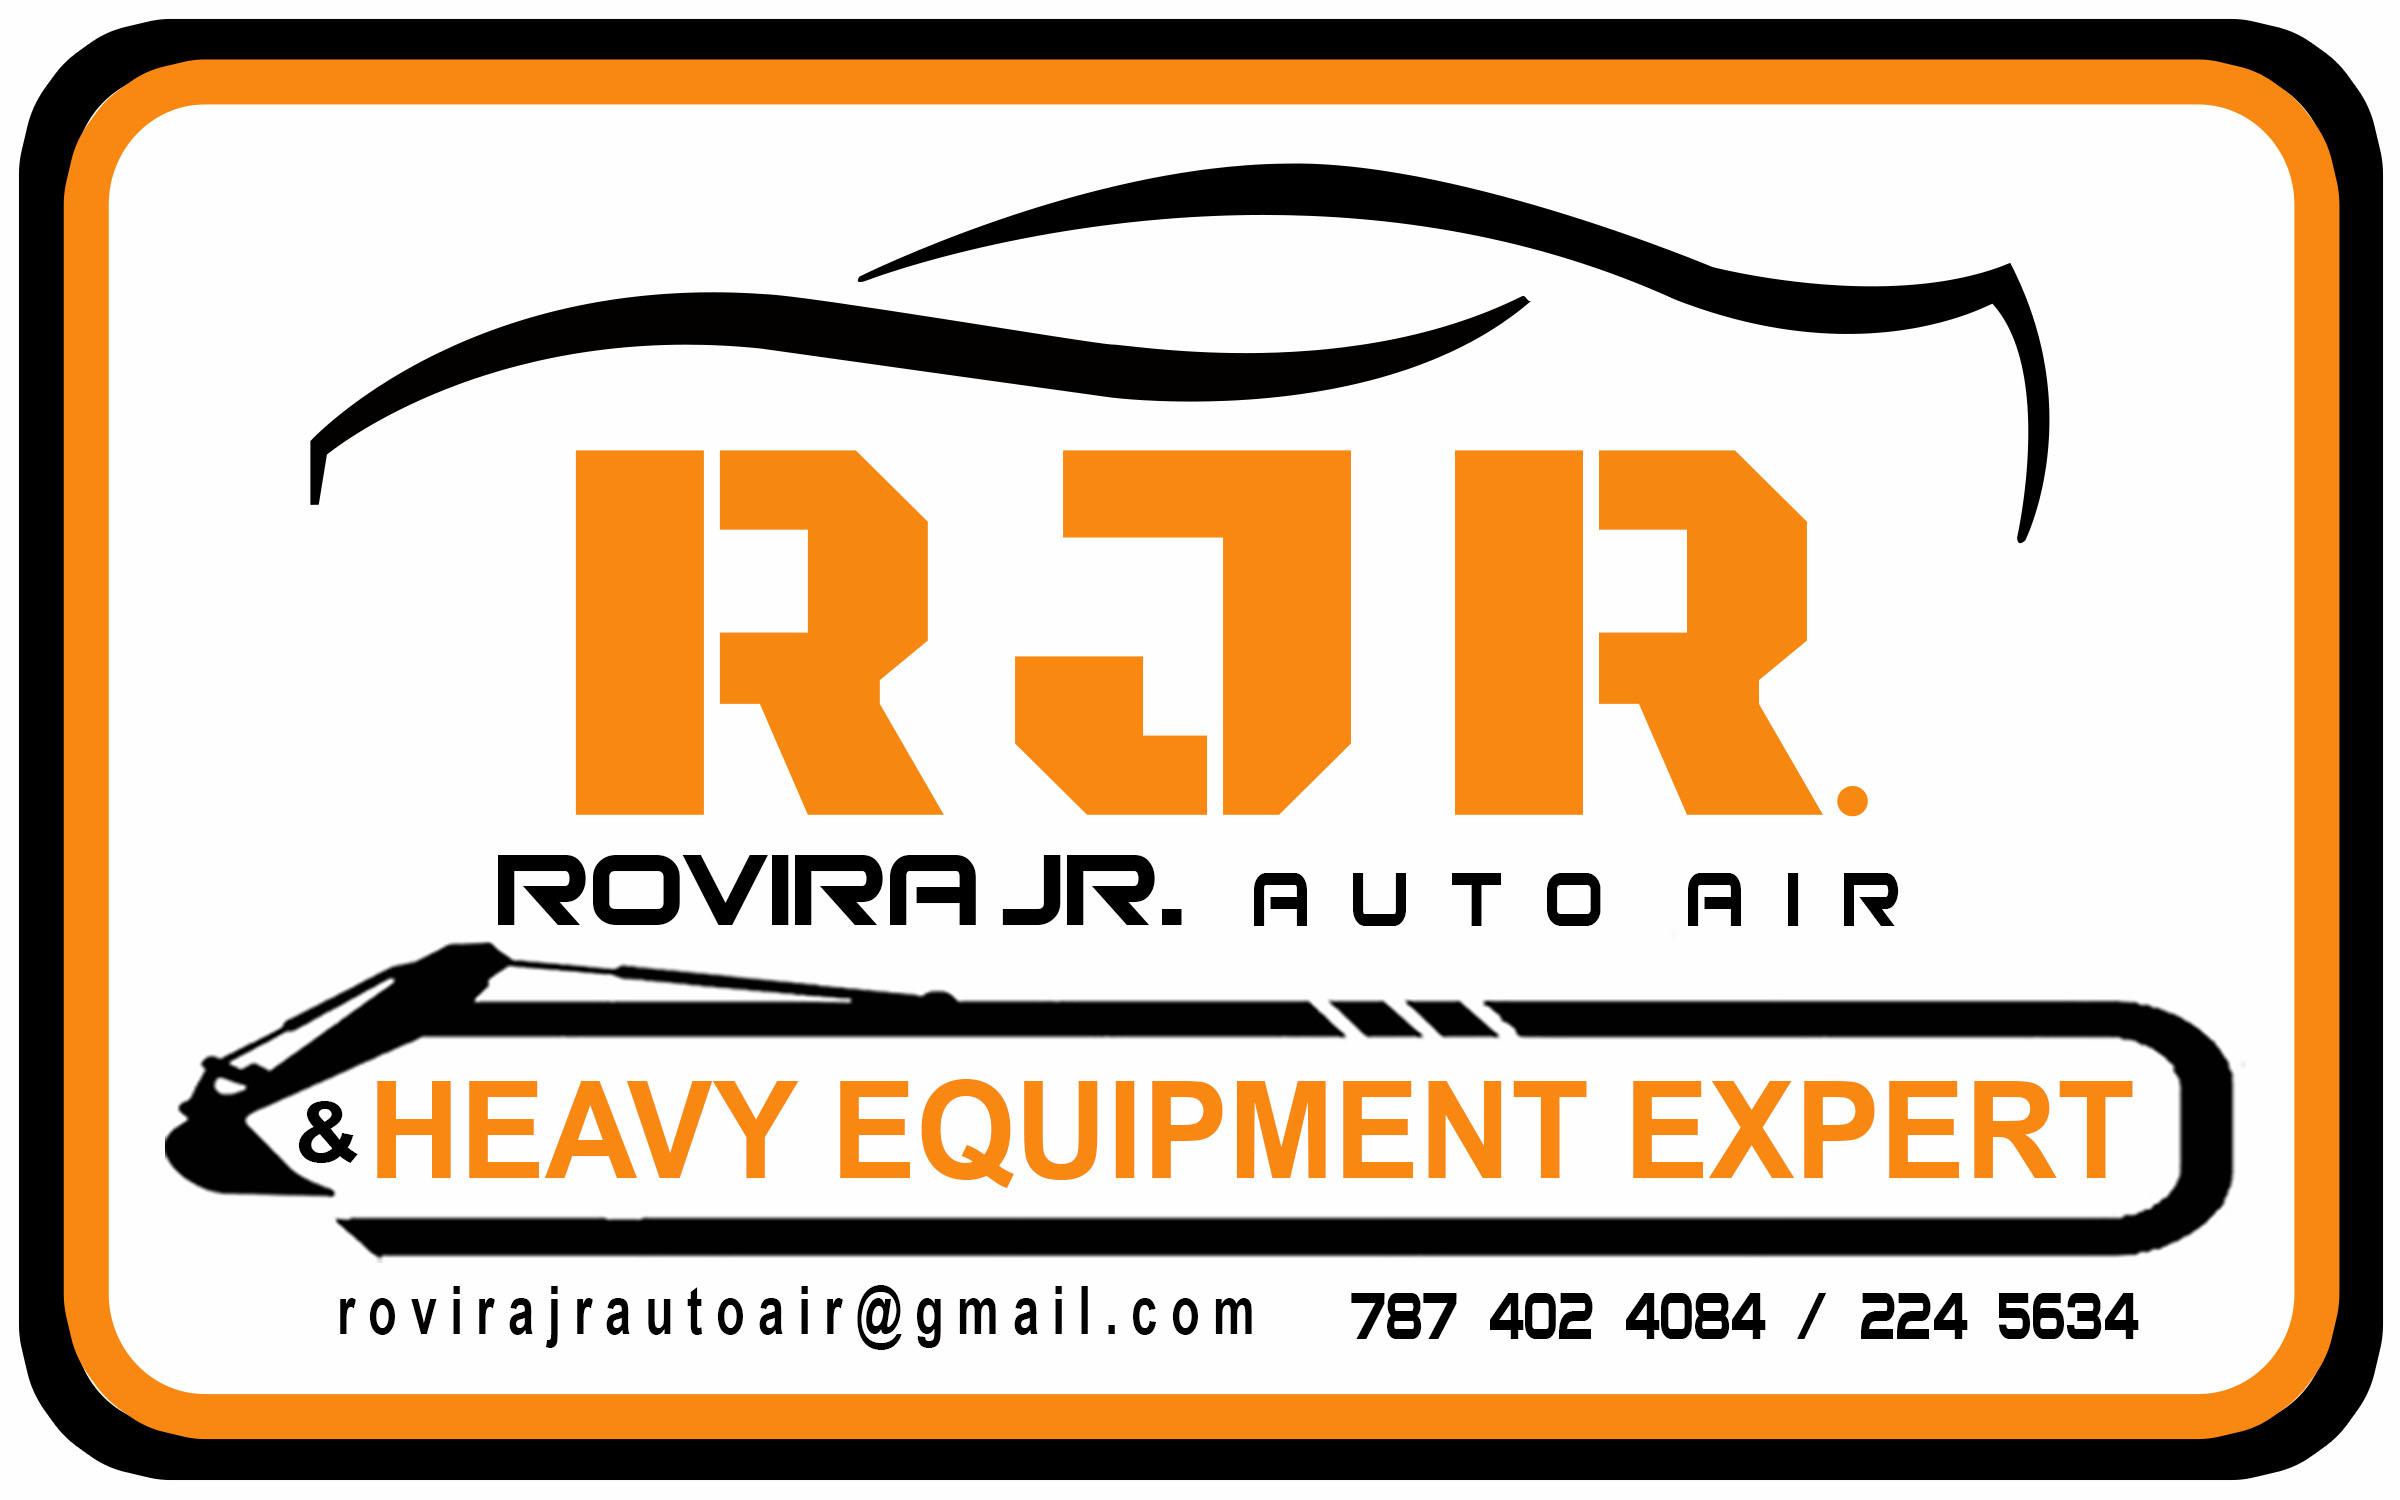 Rovira jr auto air